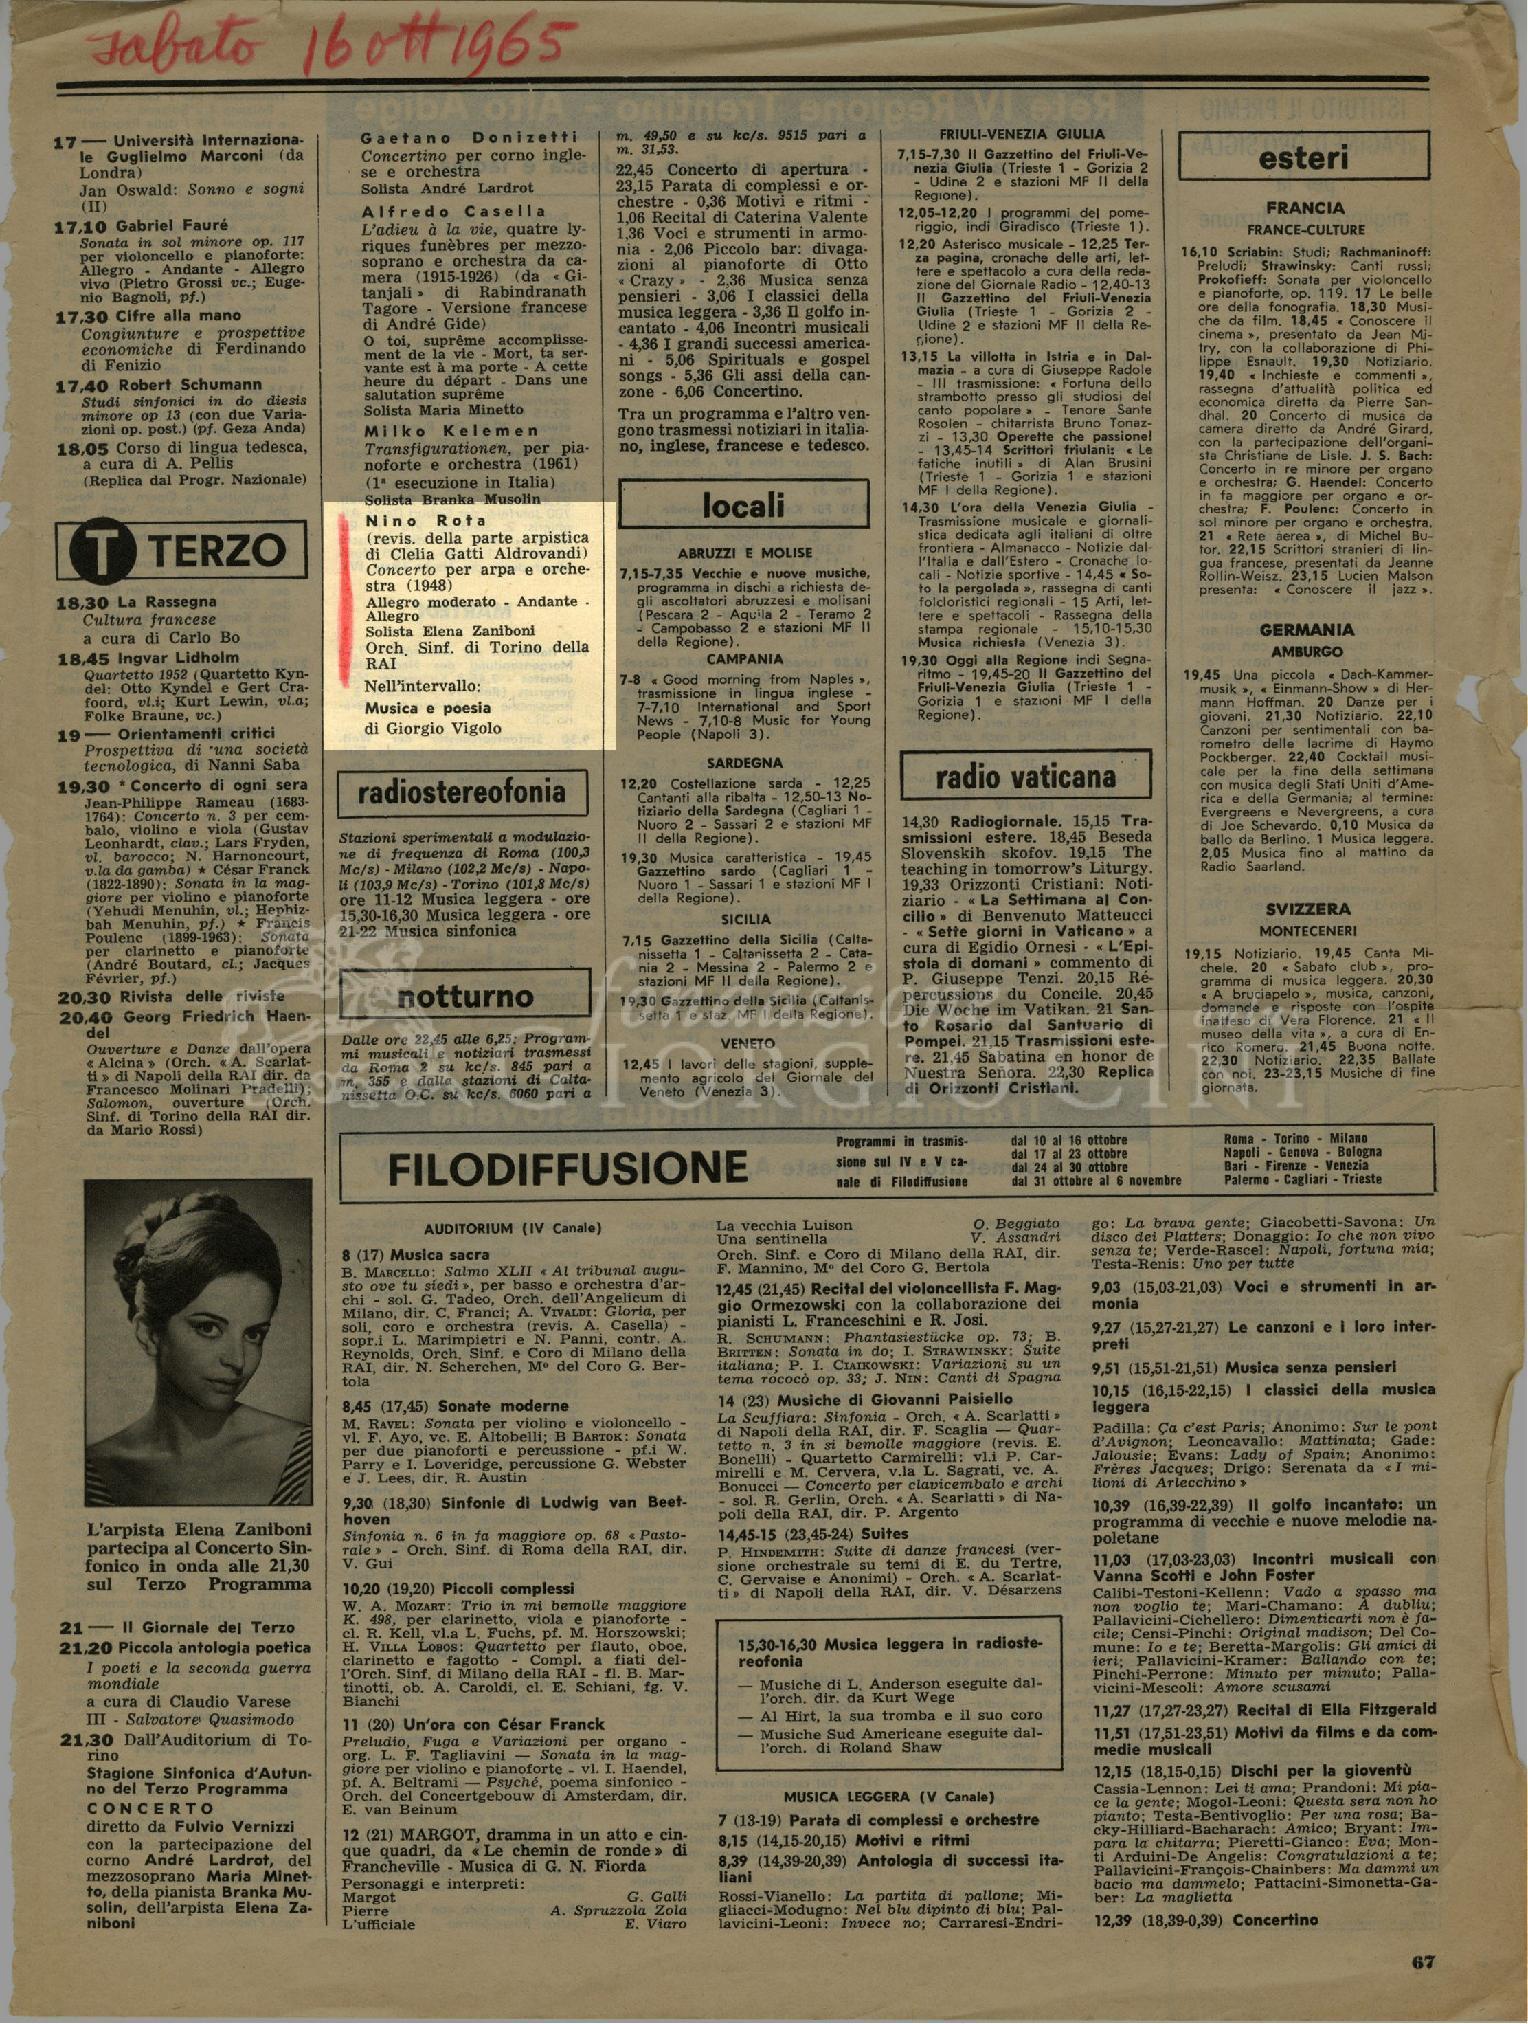 Nino Rota (revis. della parte arpistica di Clelia Gatti Aldovrandi) [...] [16 ottobre 1965]